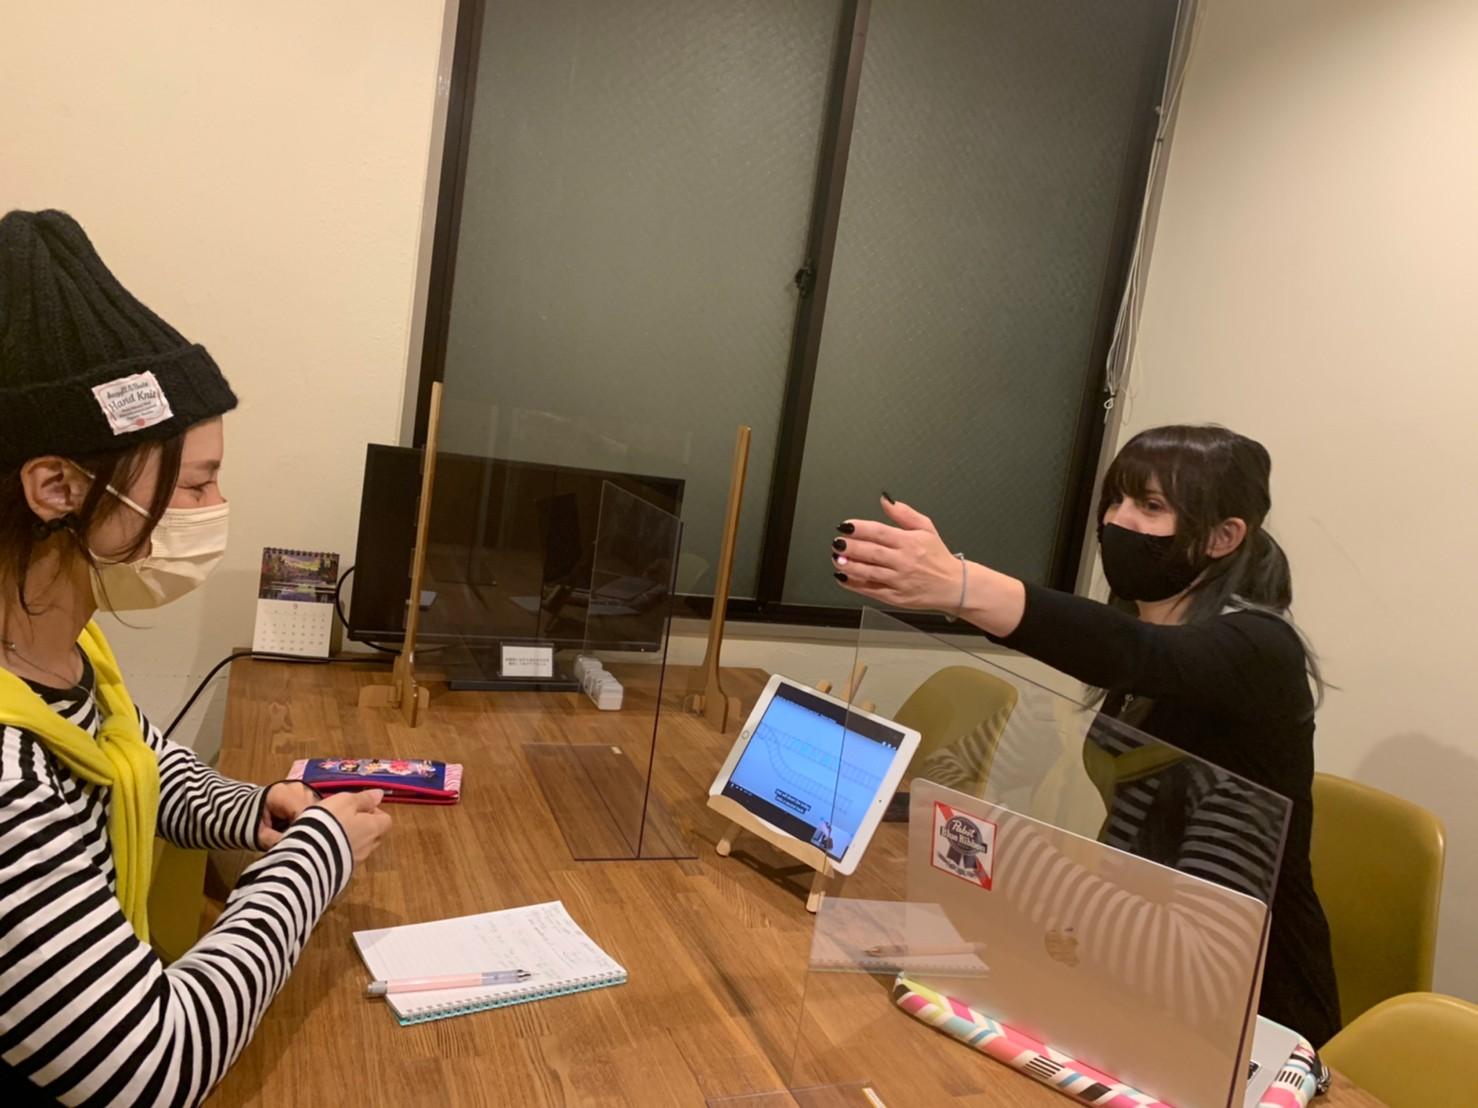 名古屋で初。コンサルティングを超えた、上達保証付コーチング英会話スクール。受け放題、通い放題、習い放題、選び放題。サブスクリプション型では究極の英会話メニューをご用意。